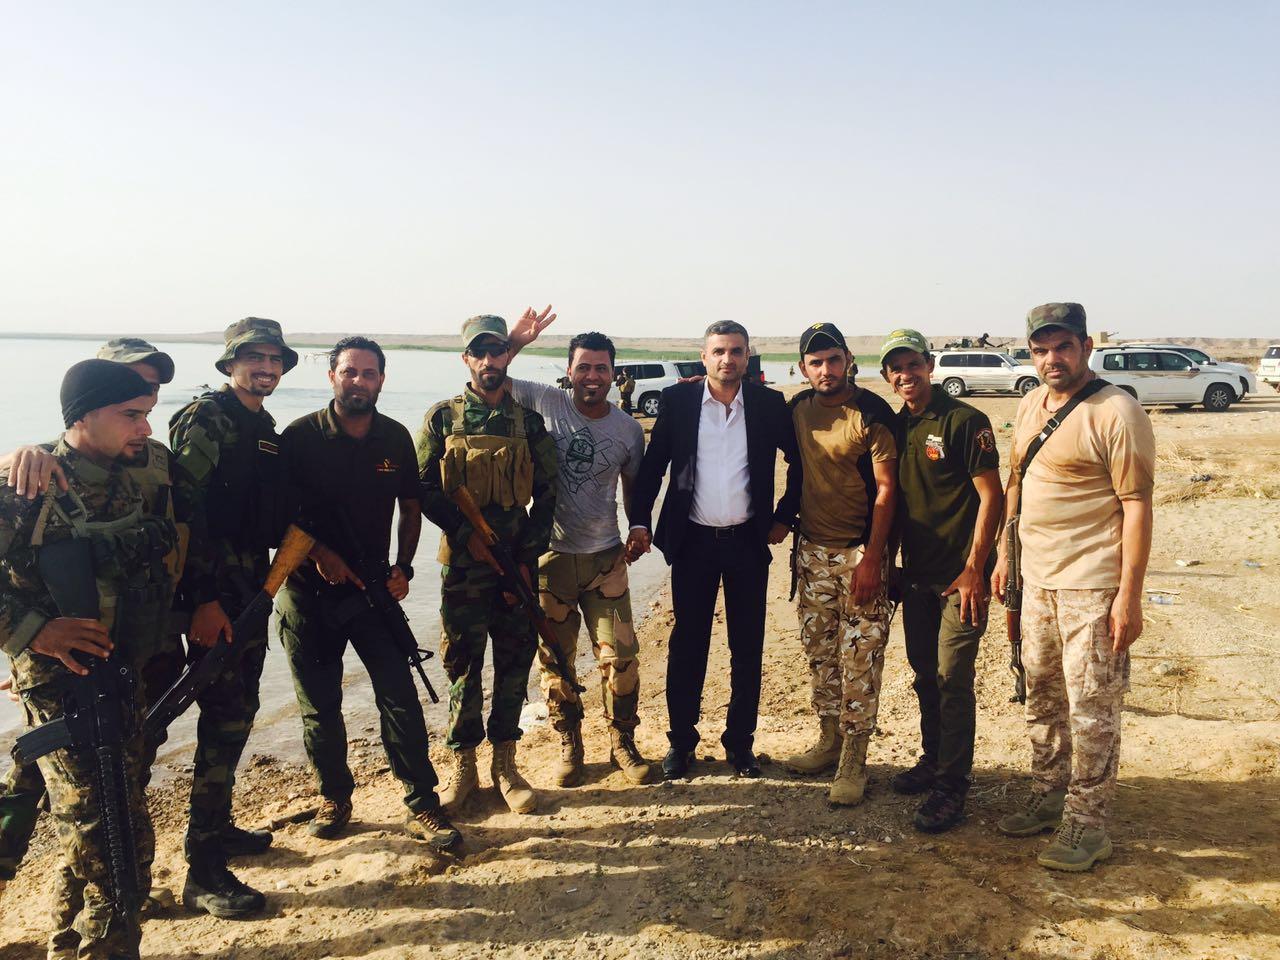 بقلم الاعلامي علي الحمداني اخوتي العراقيين : حشدنا سر وجودنا  اقولها وبالحسچة الجنوبية